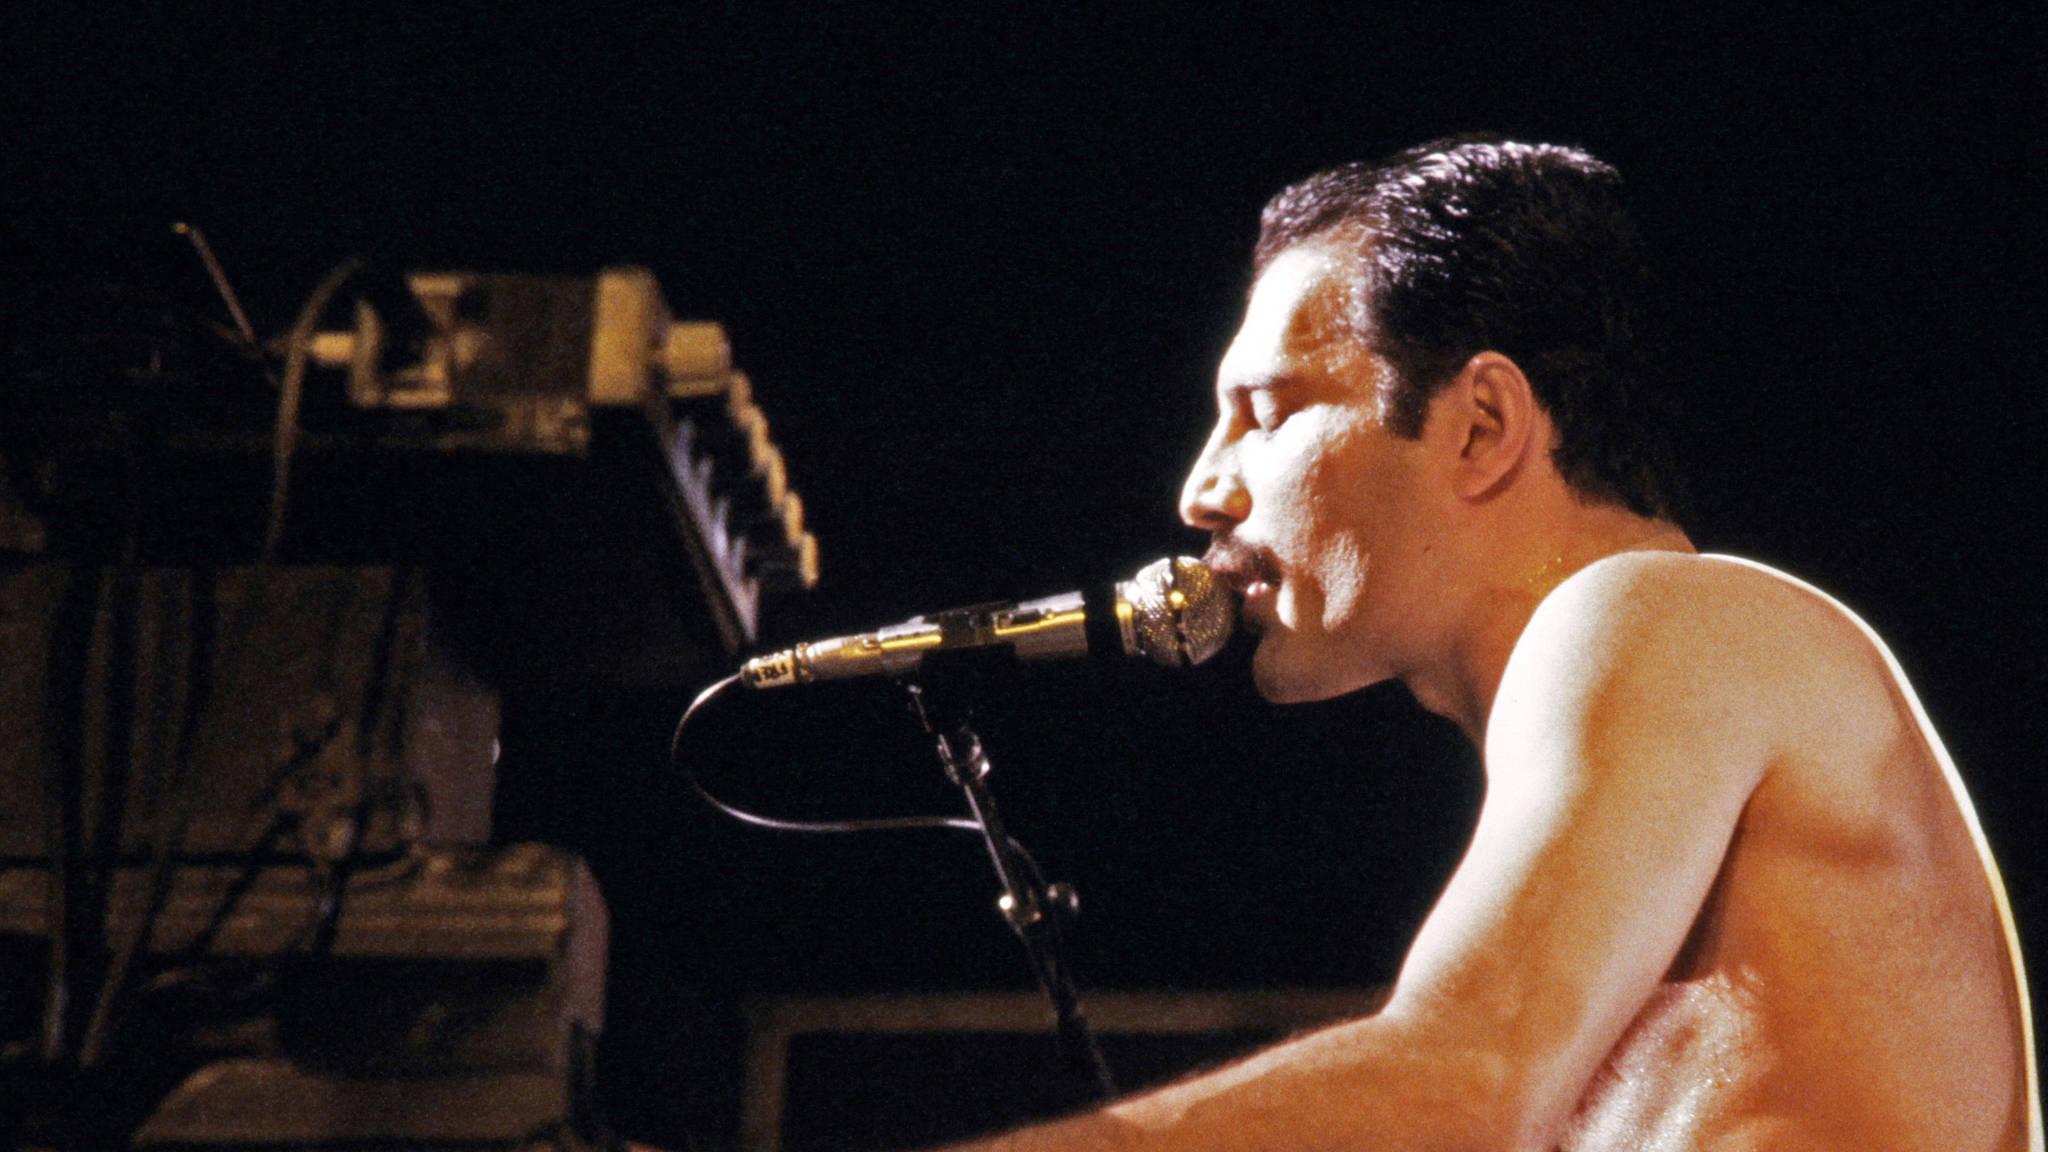 f286b4f9c67b66 Queen-film krijgt wisselende kritieken, 'maar muziek blijft uitstekend'